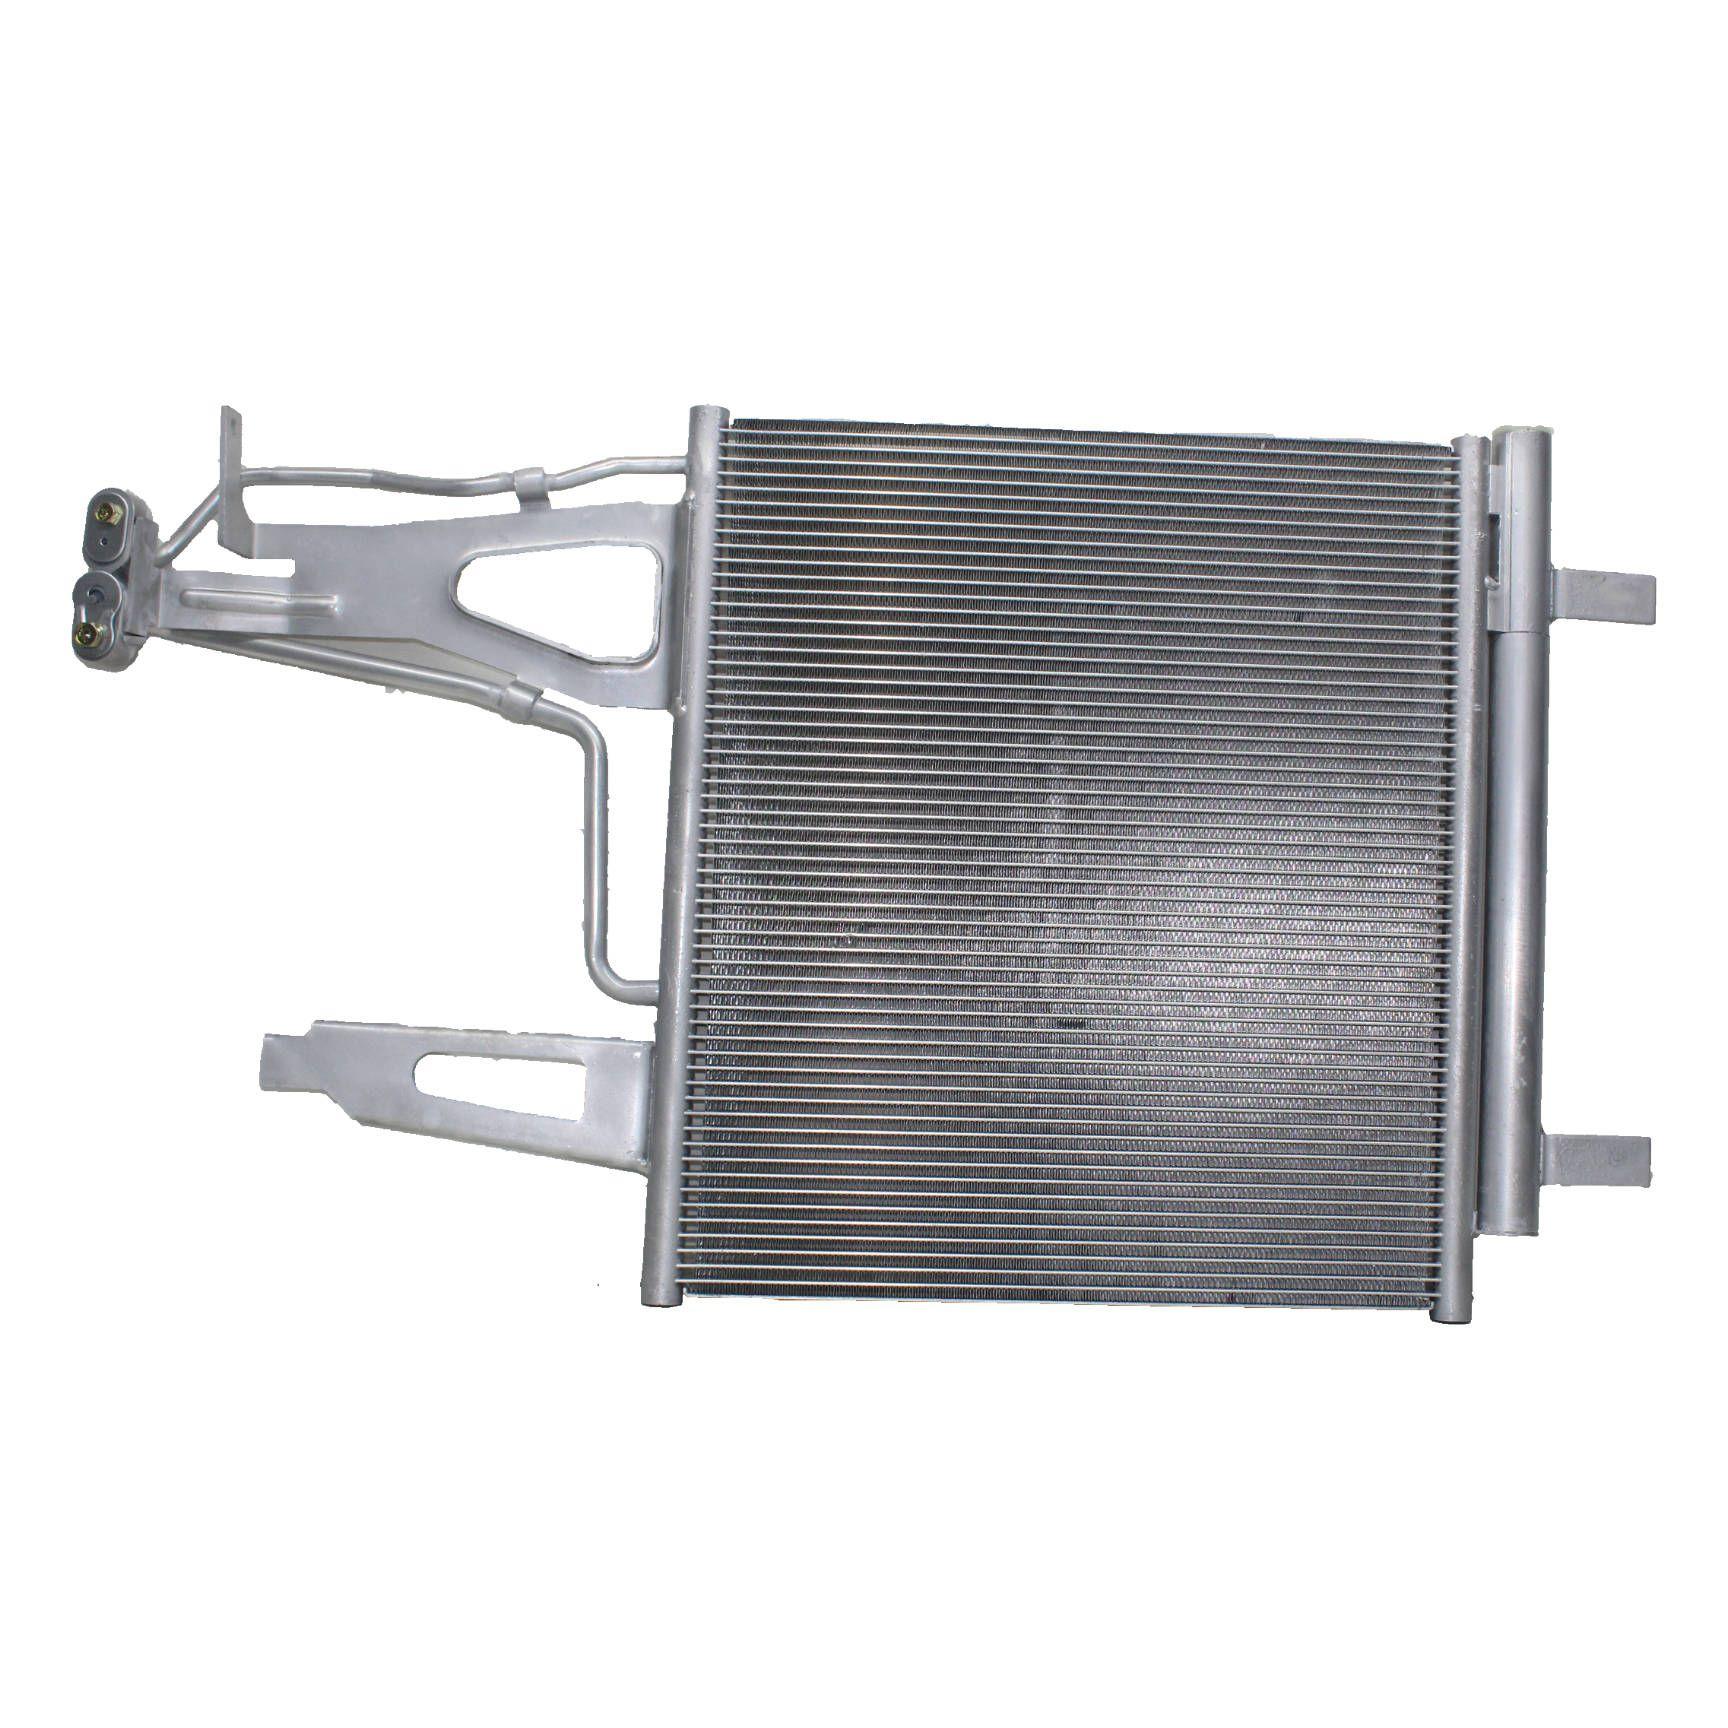 Condensador Ar Condicionado VW UP Tsi